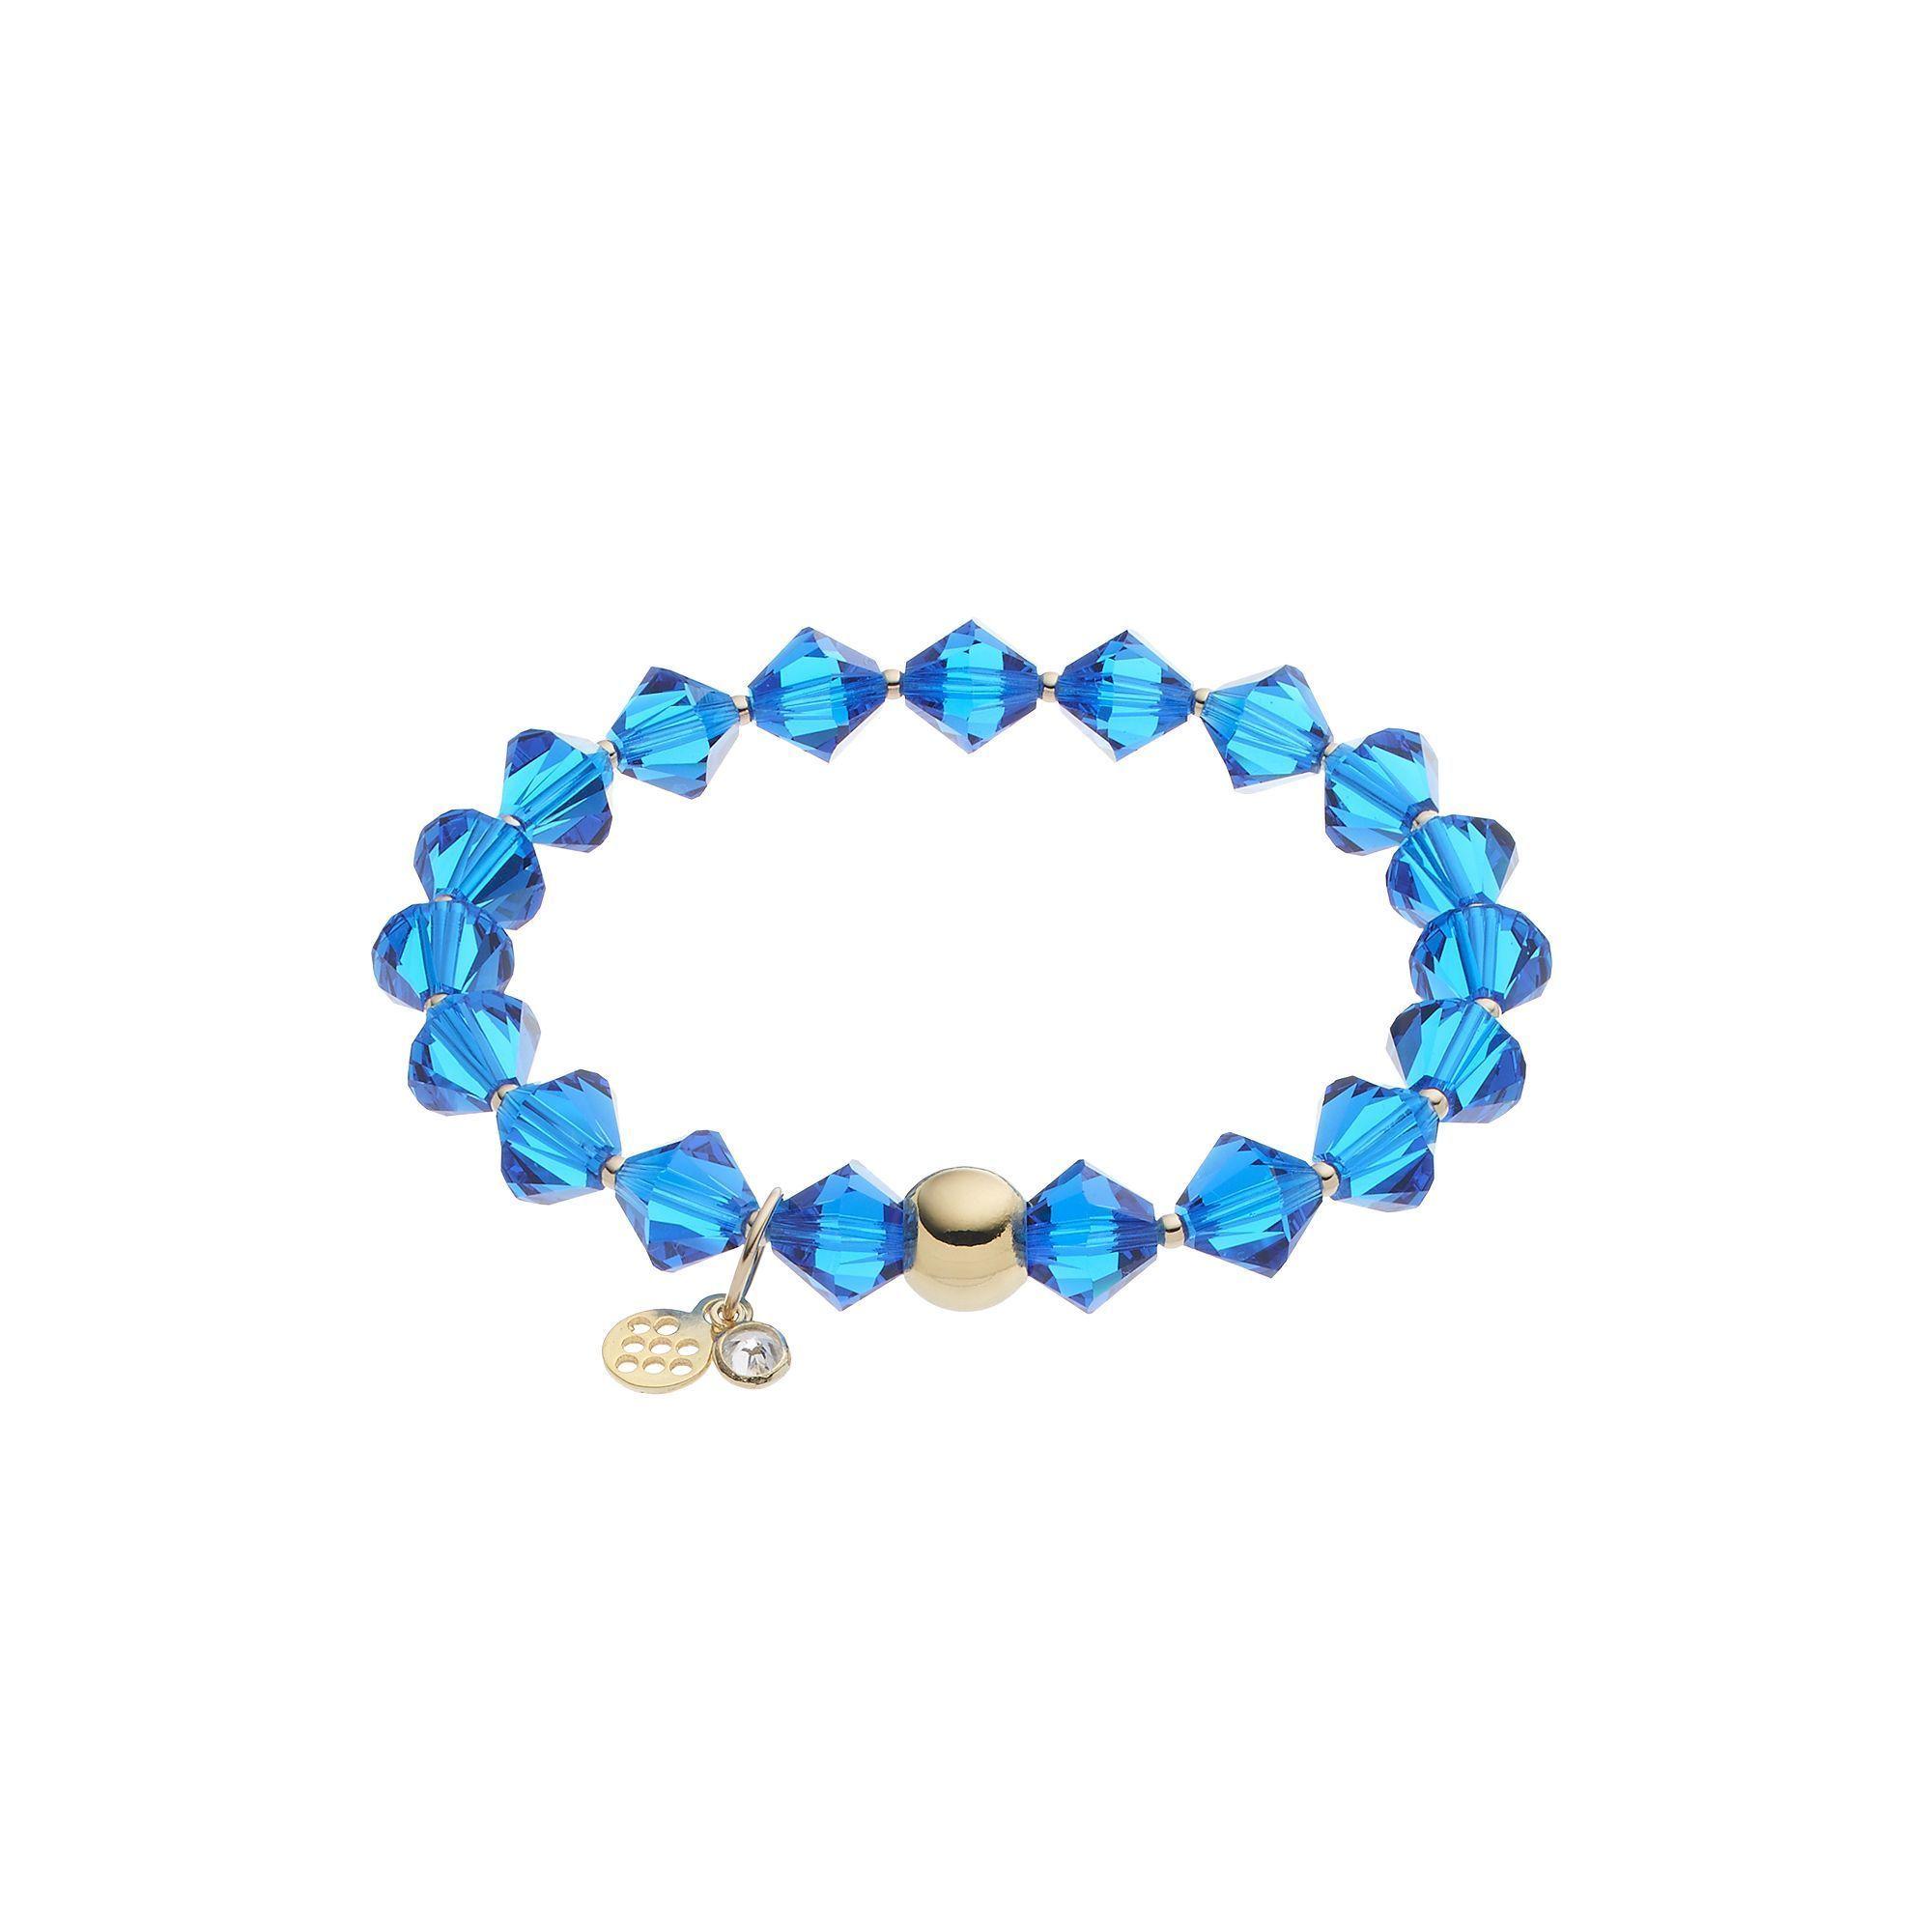 Tfs jewelry k gold over silver blue crystal stretch bracelet